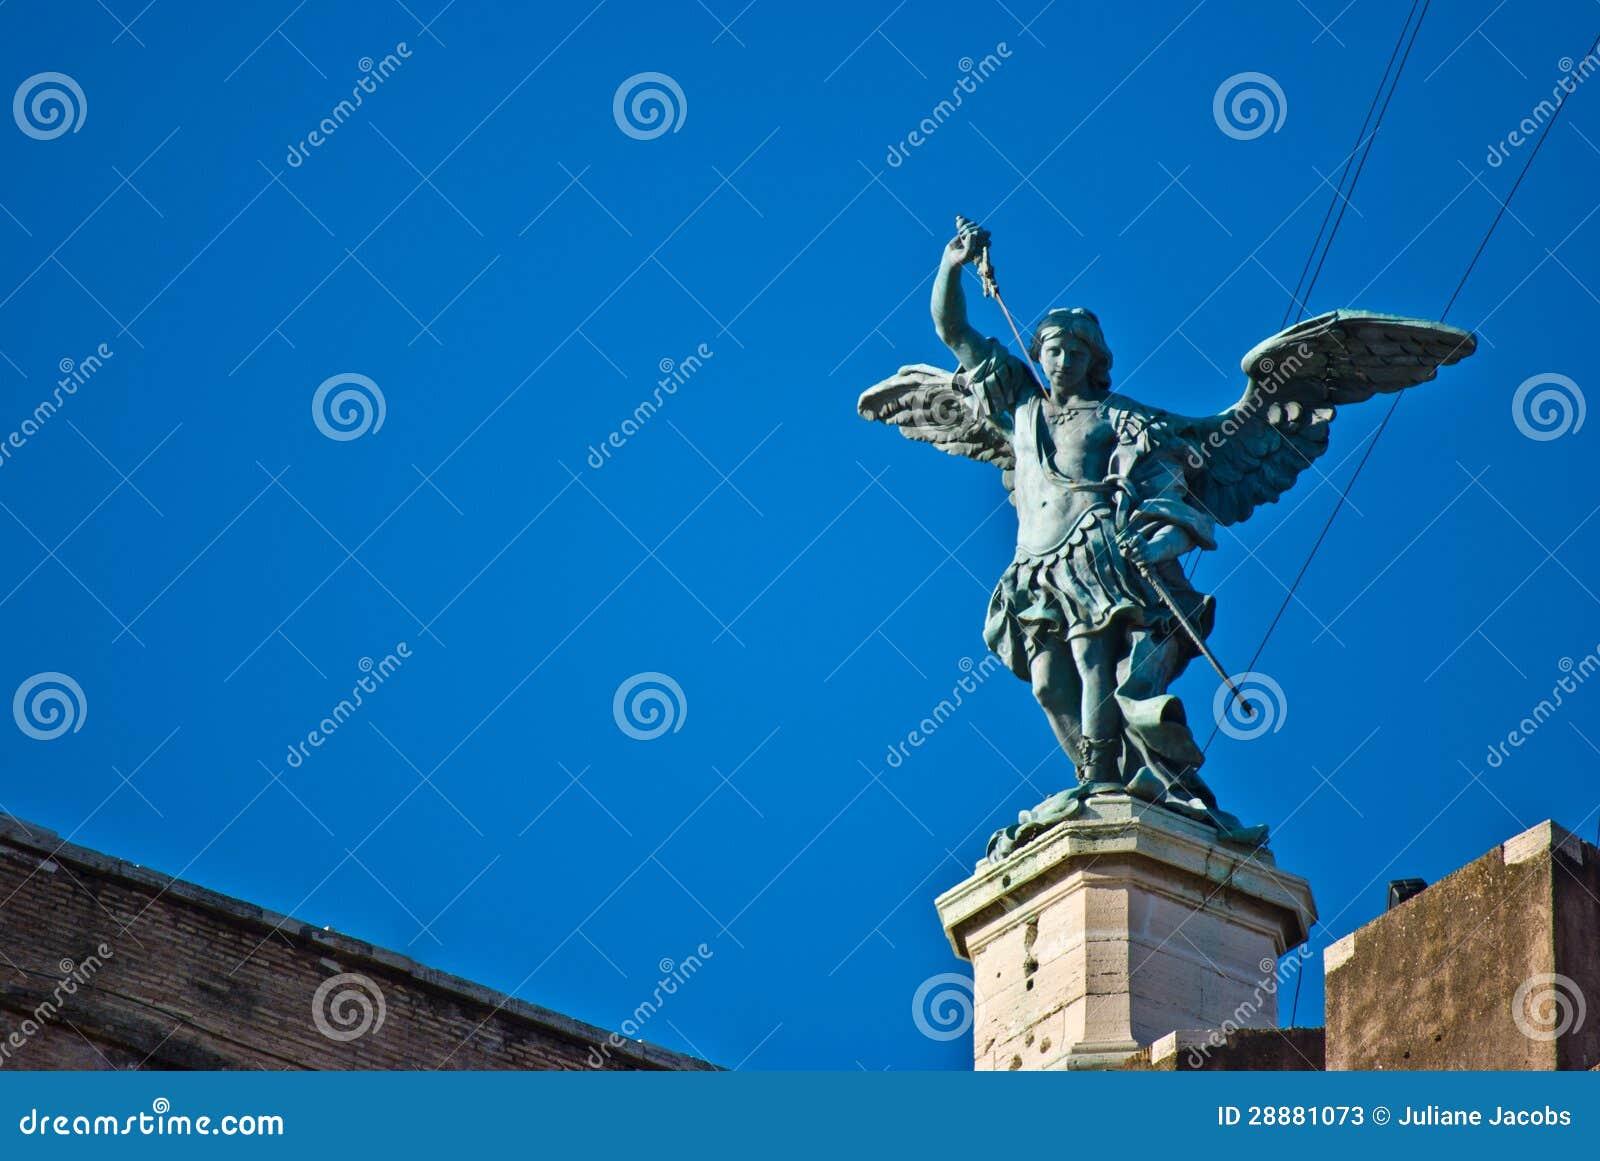 Castel sant angelo immagine stock immagine di mausoleum for Europeo arredamenti mosciano sant angelo